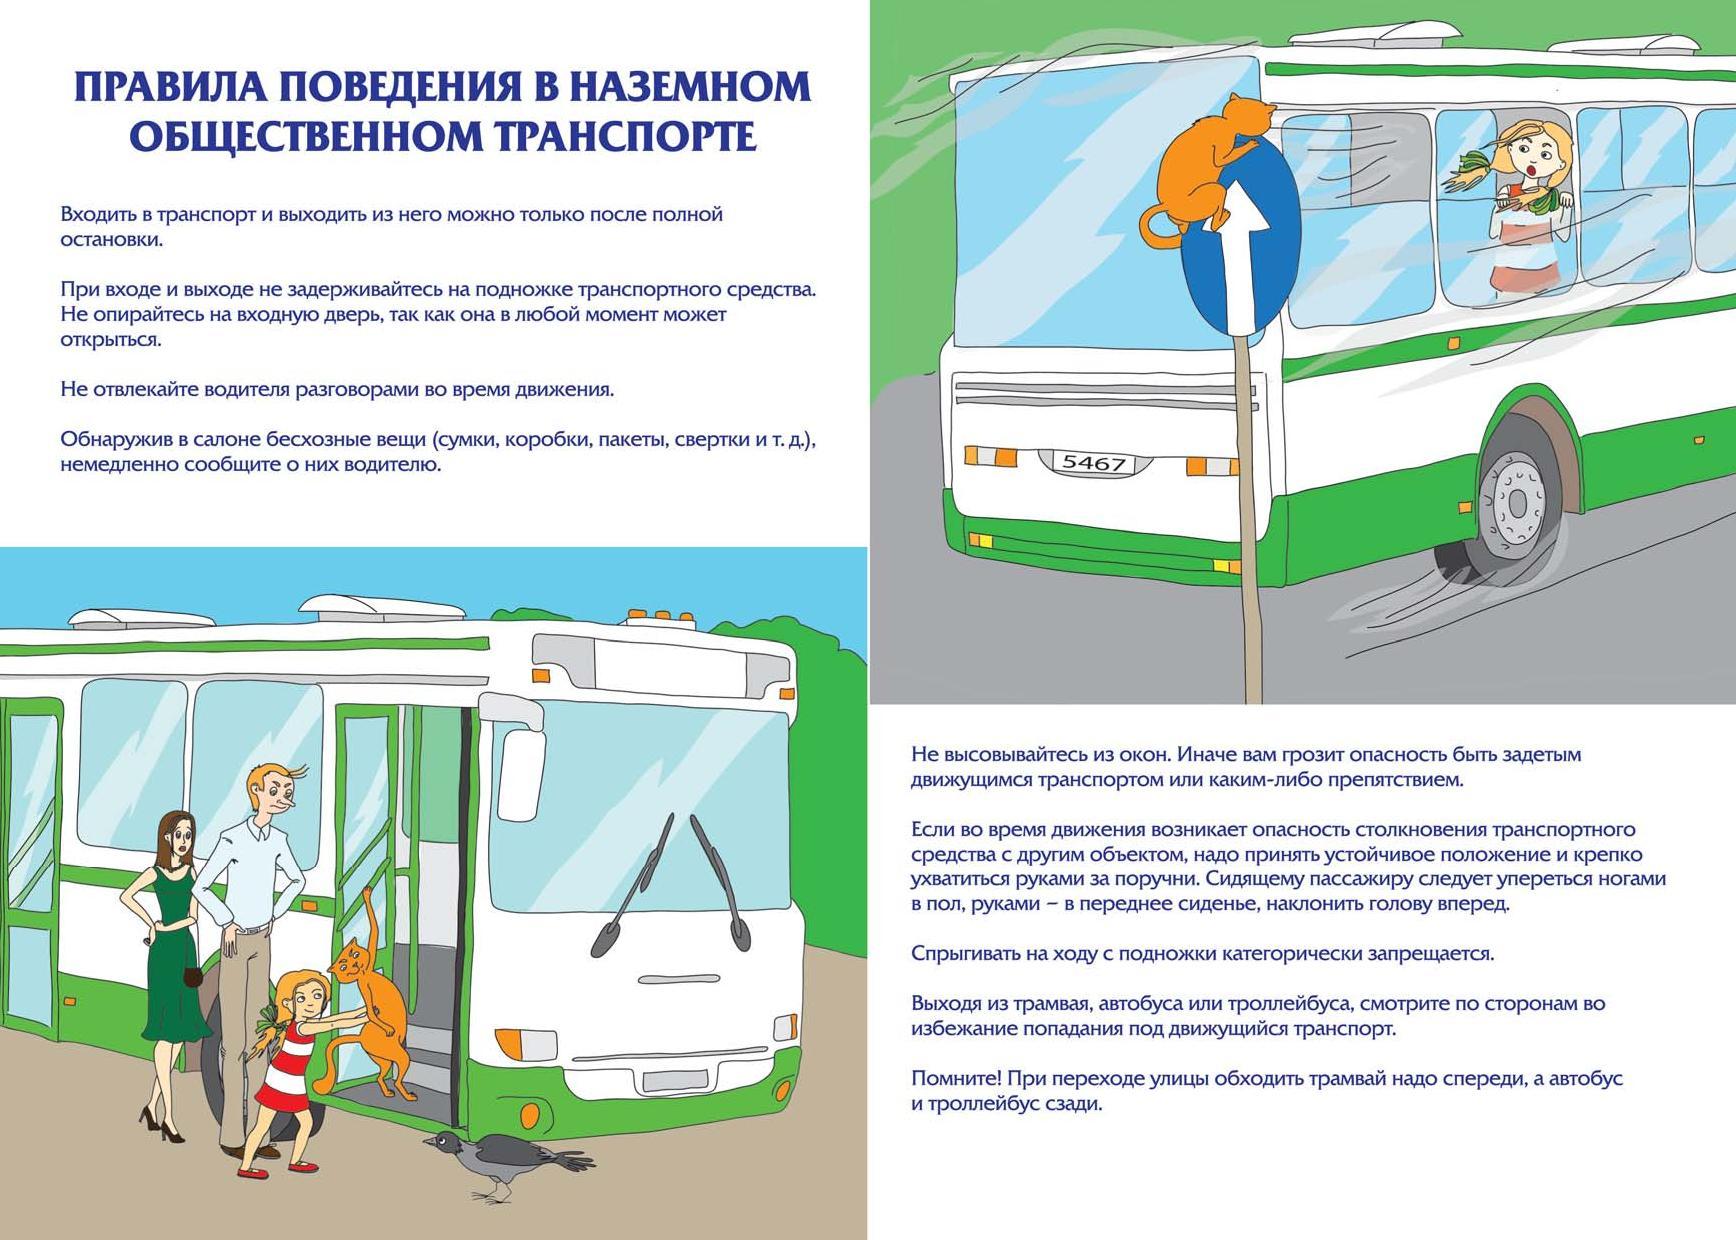 ткани, отличающаяся безопасность на общественном транспорте производстве термобелья